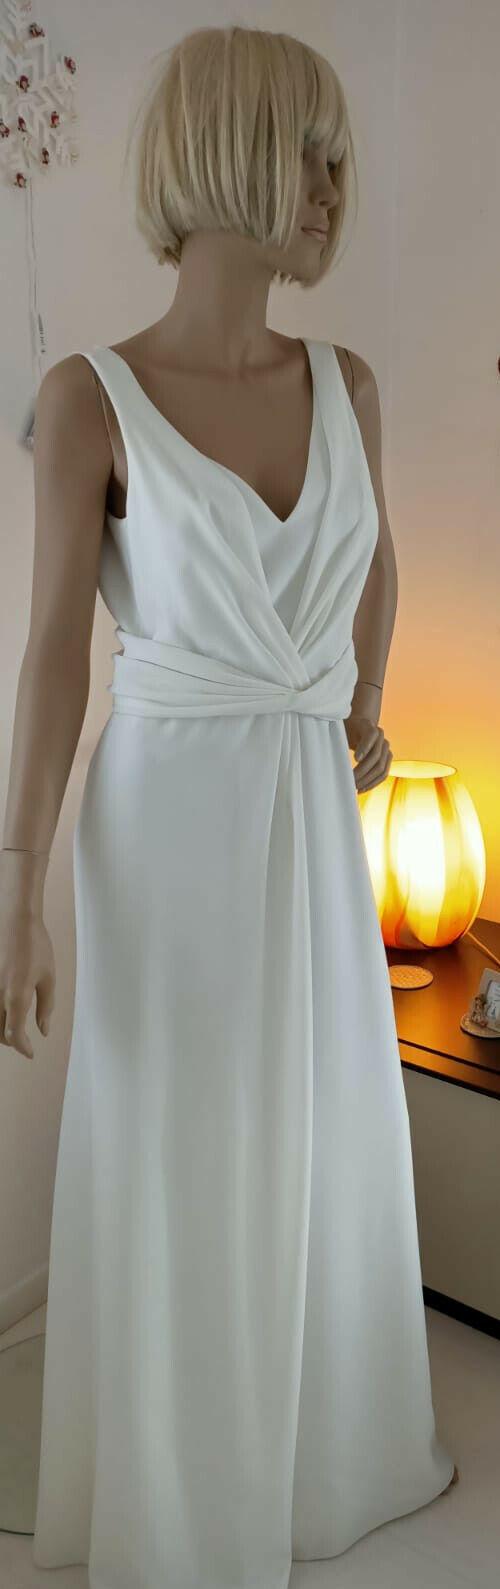 Armani splendido abito da sposa o cerimonia nuovo taglia 42 circa